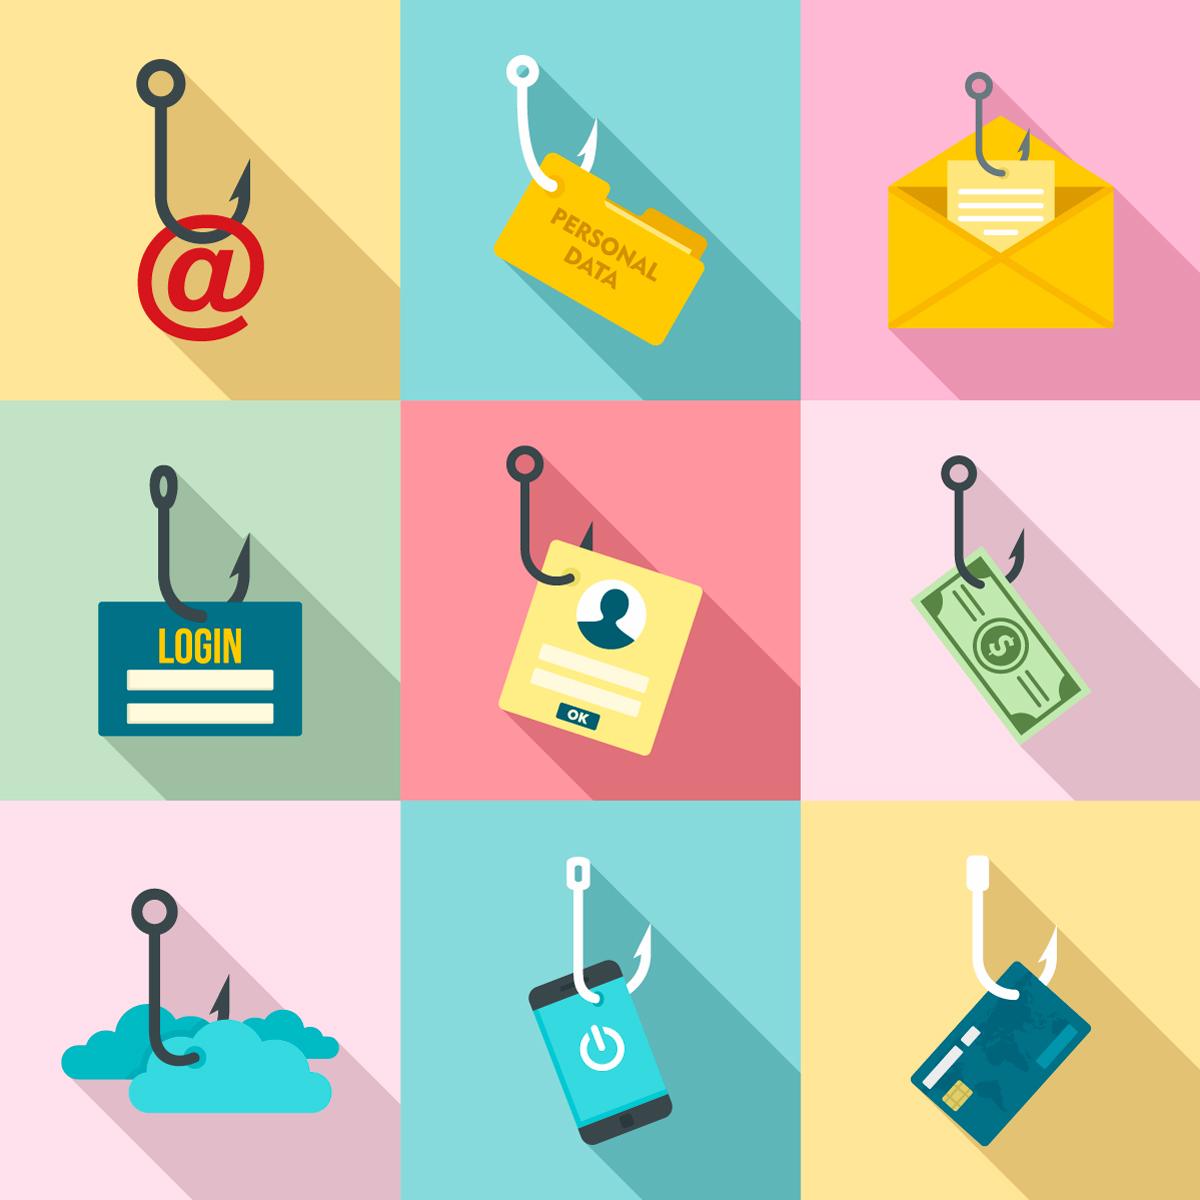 Phishing to coraz popularniejsza metoda oszustwa w sieci.